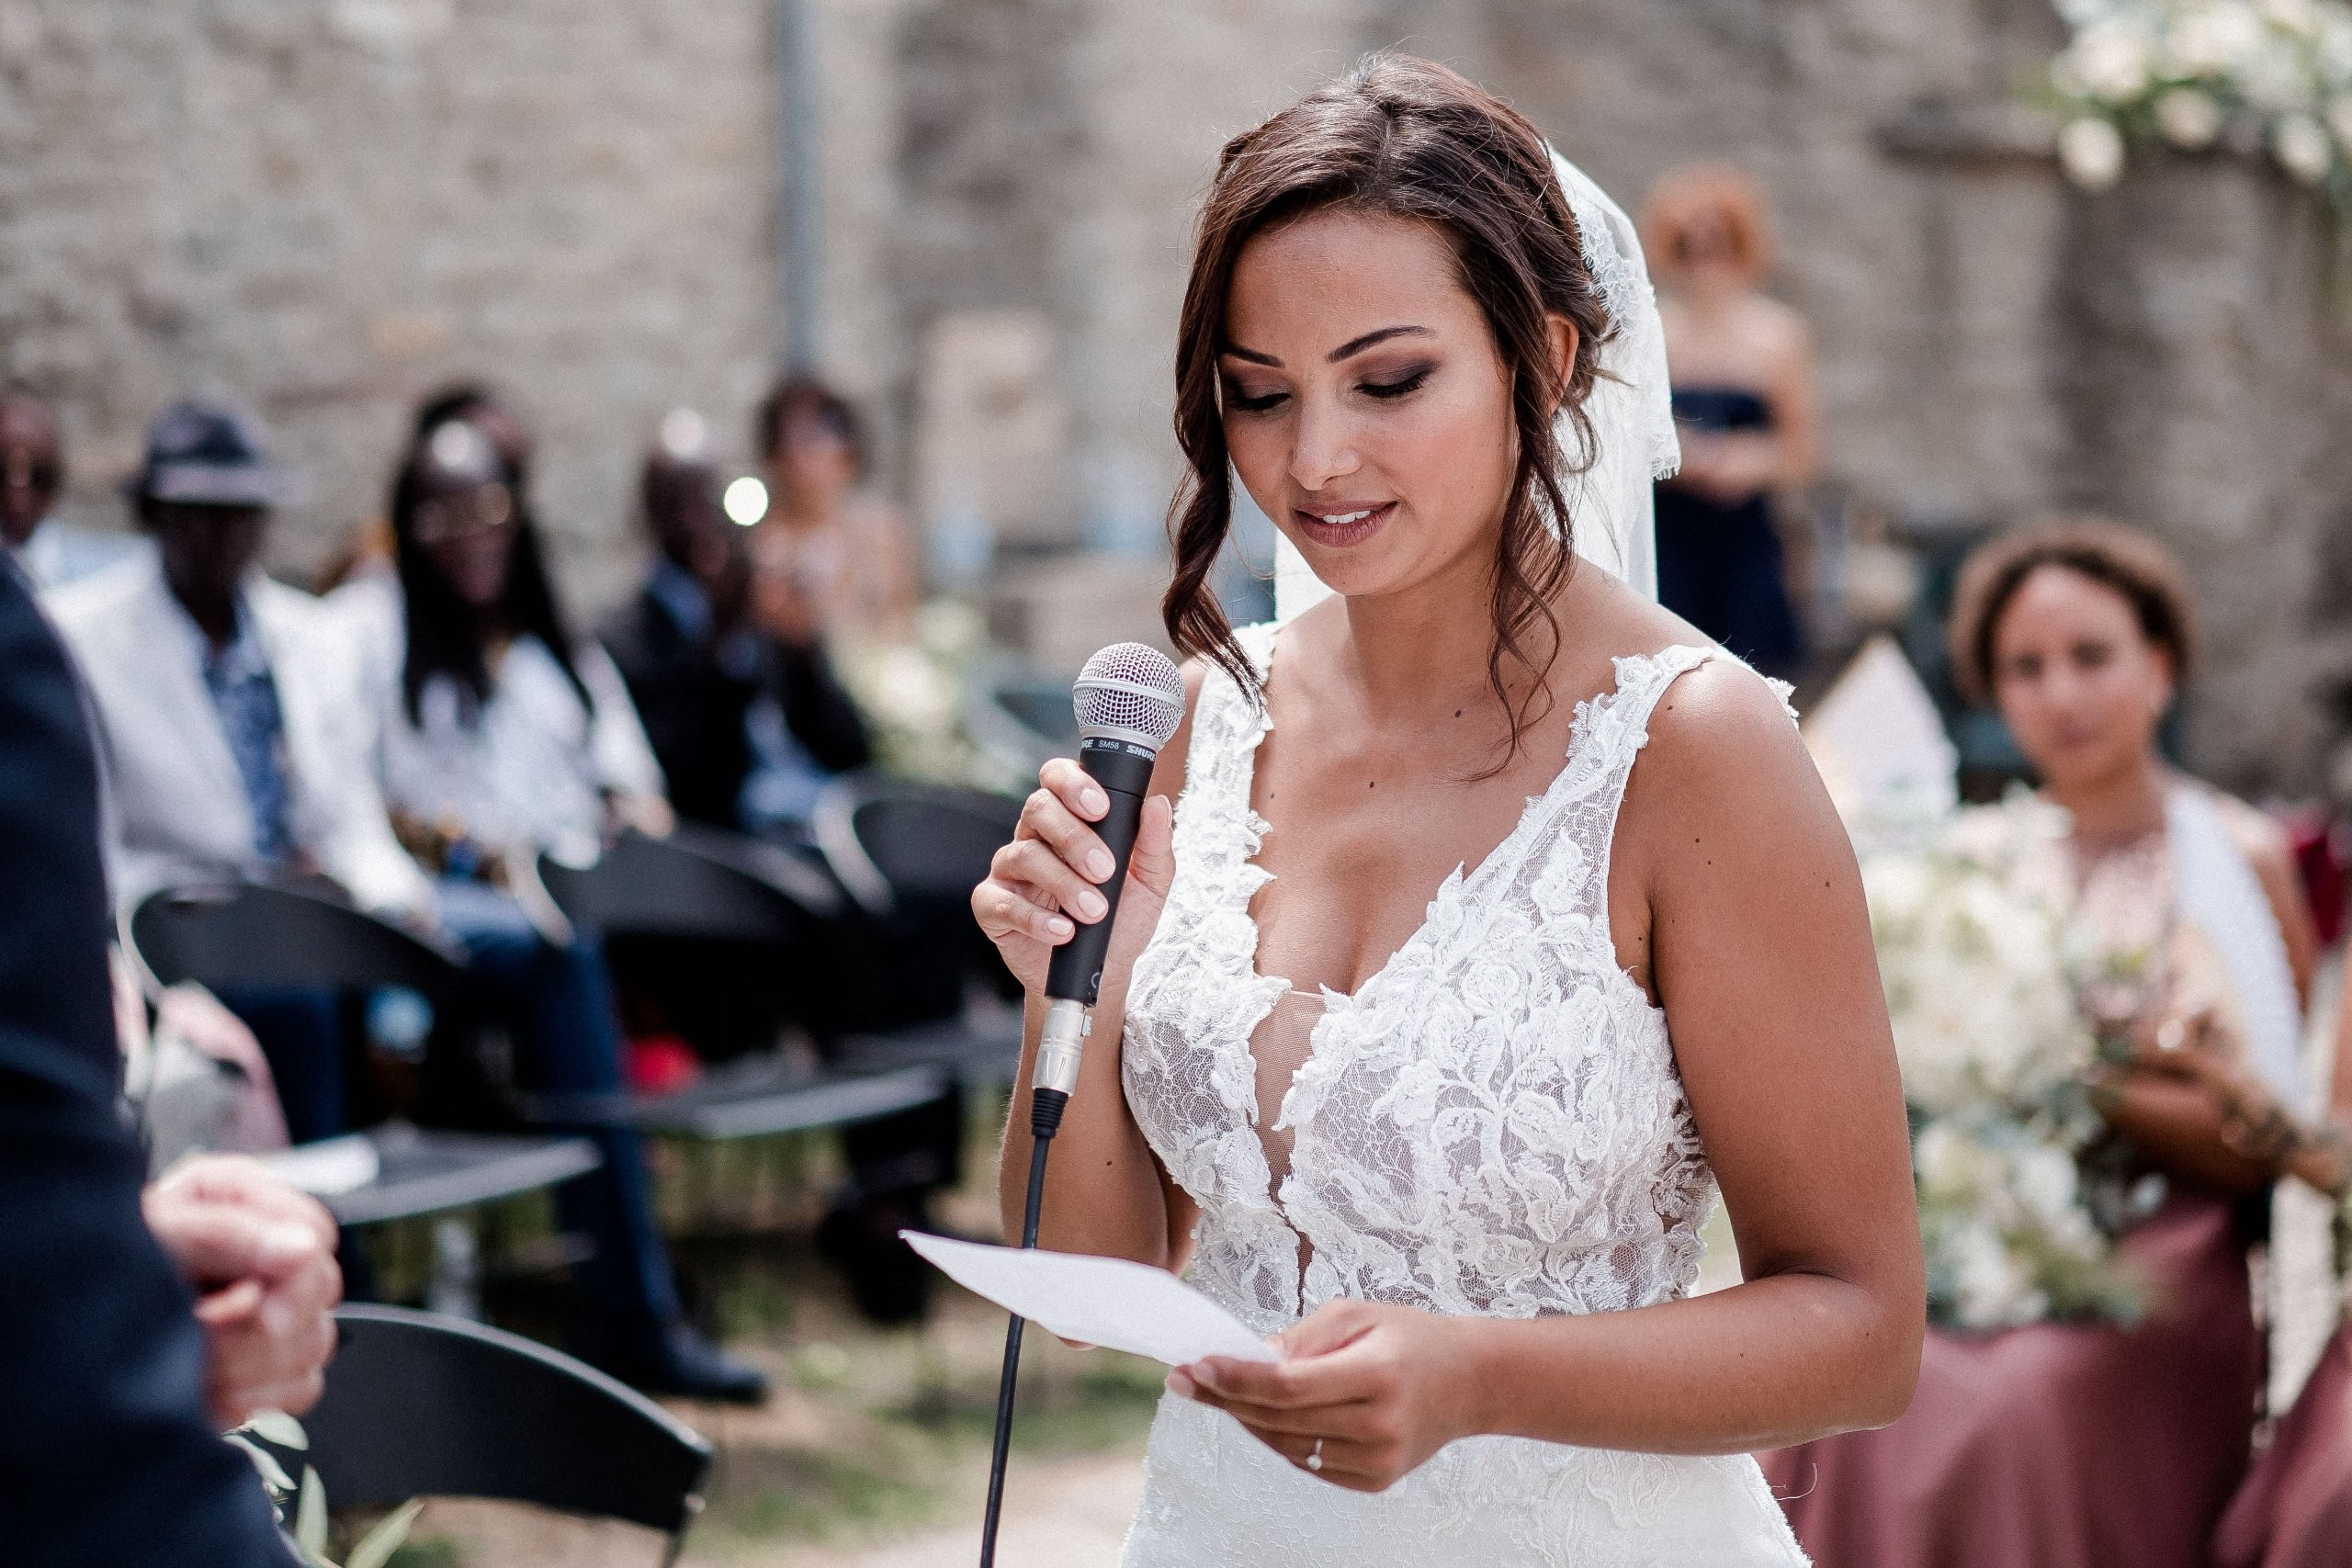 Aida + Tim | Hochzeitsfotografen am Bodensee Pescara, Italien  - Hochzeitsfotografie von Aida und Tim